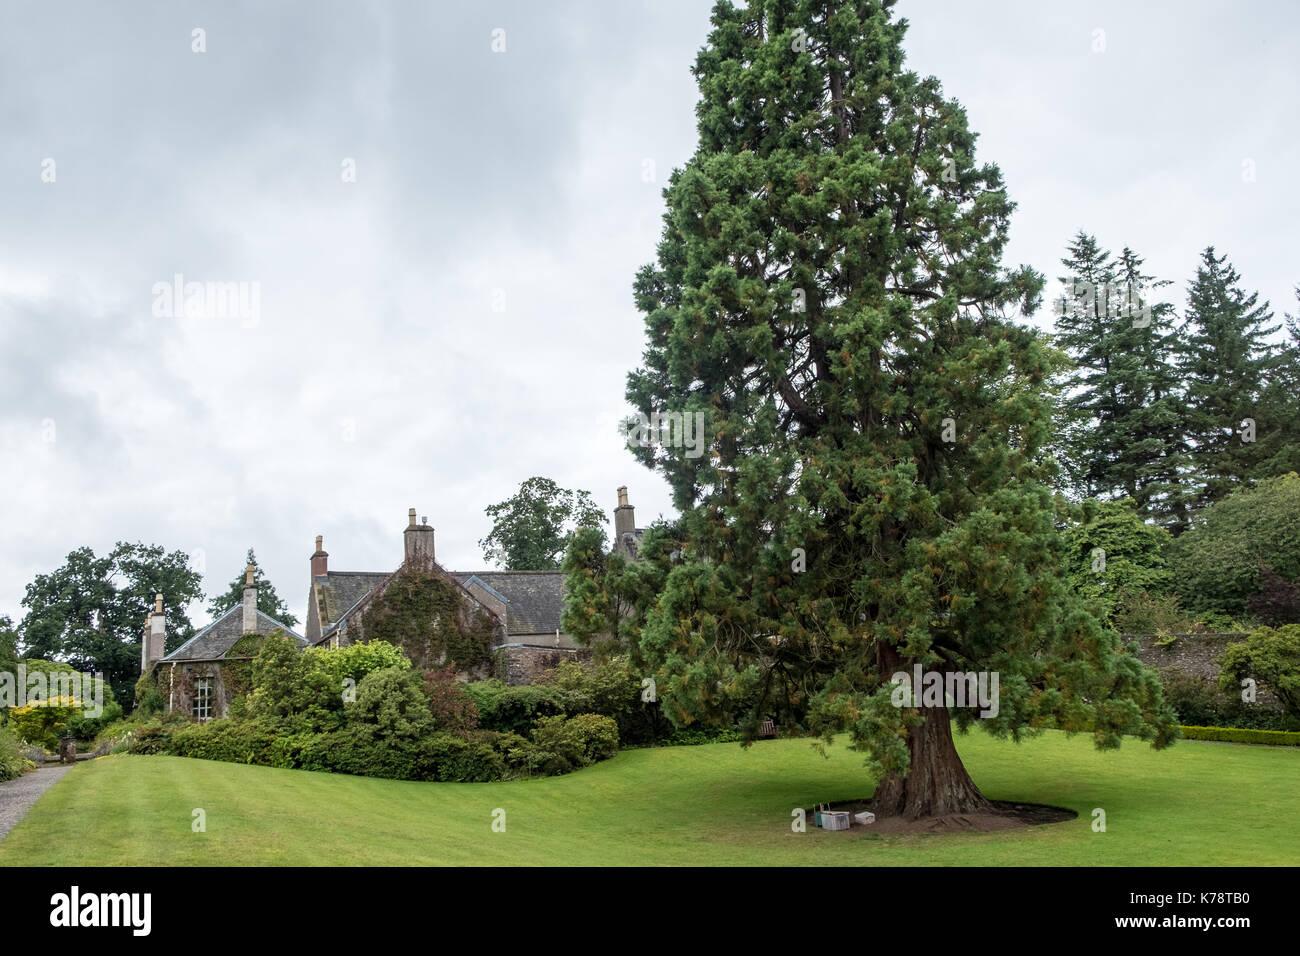 Geilston garden stock photos geilston garden stock for Garden trees scotland